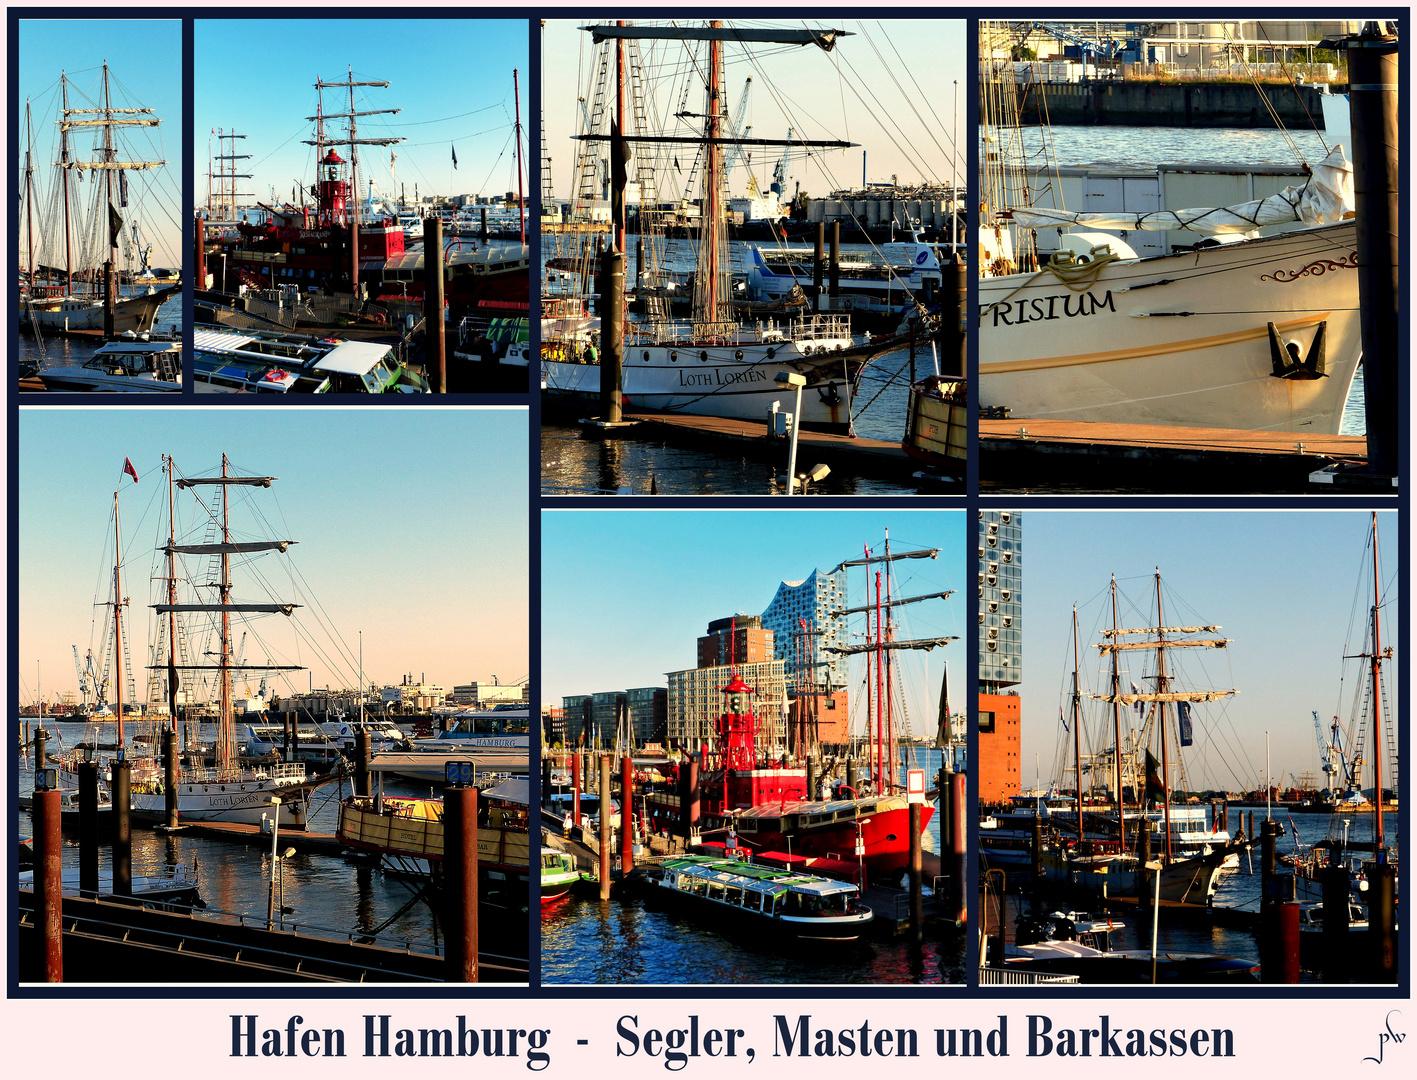 HafenHamburg